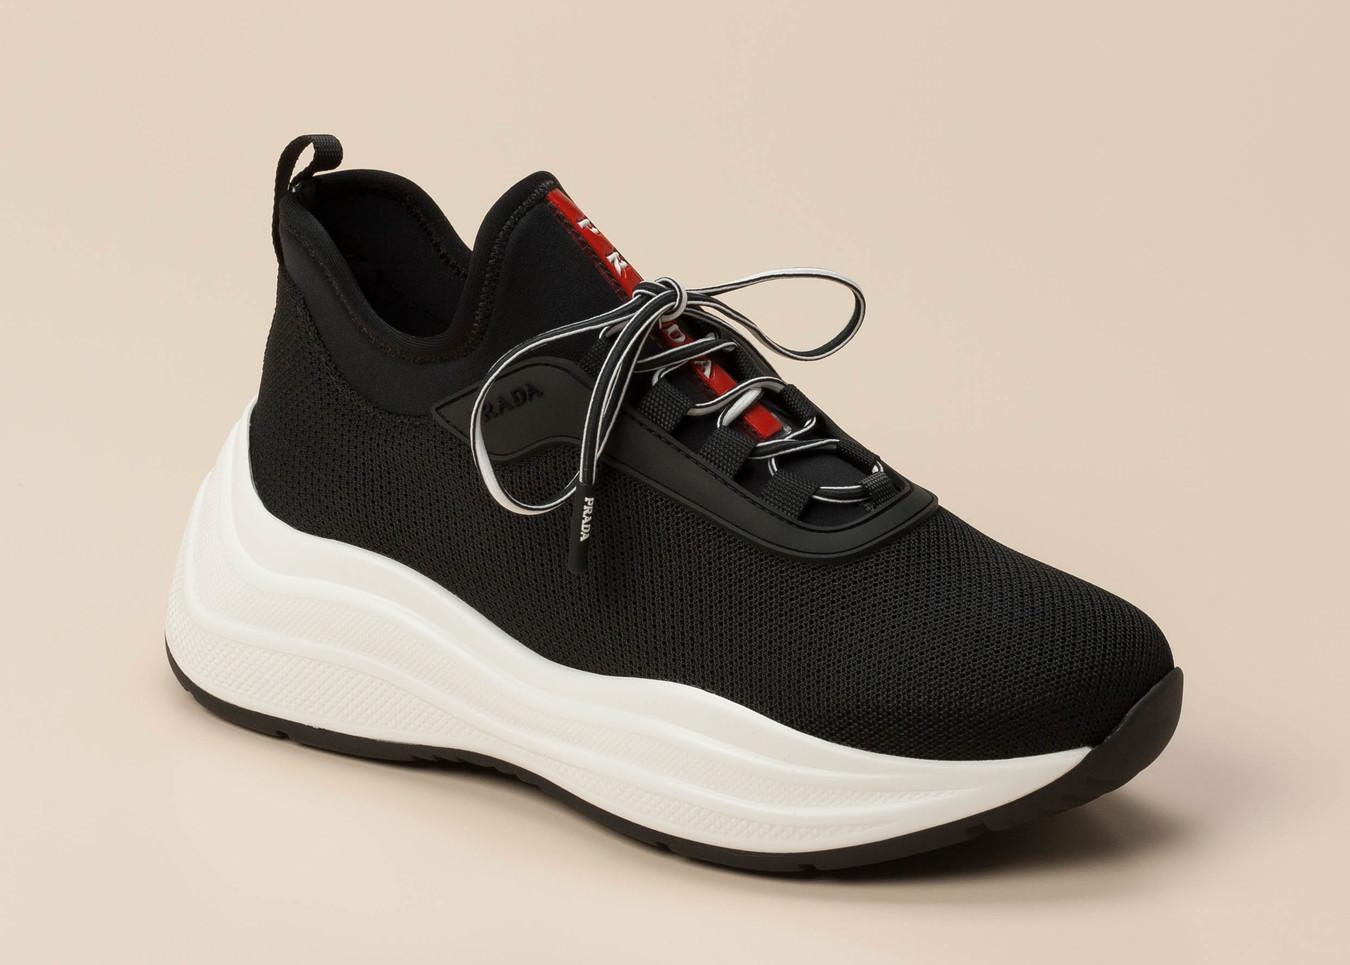 38c9084791c99 Prada Damen Sneaker in schwarz kaufen